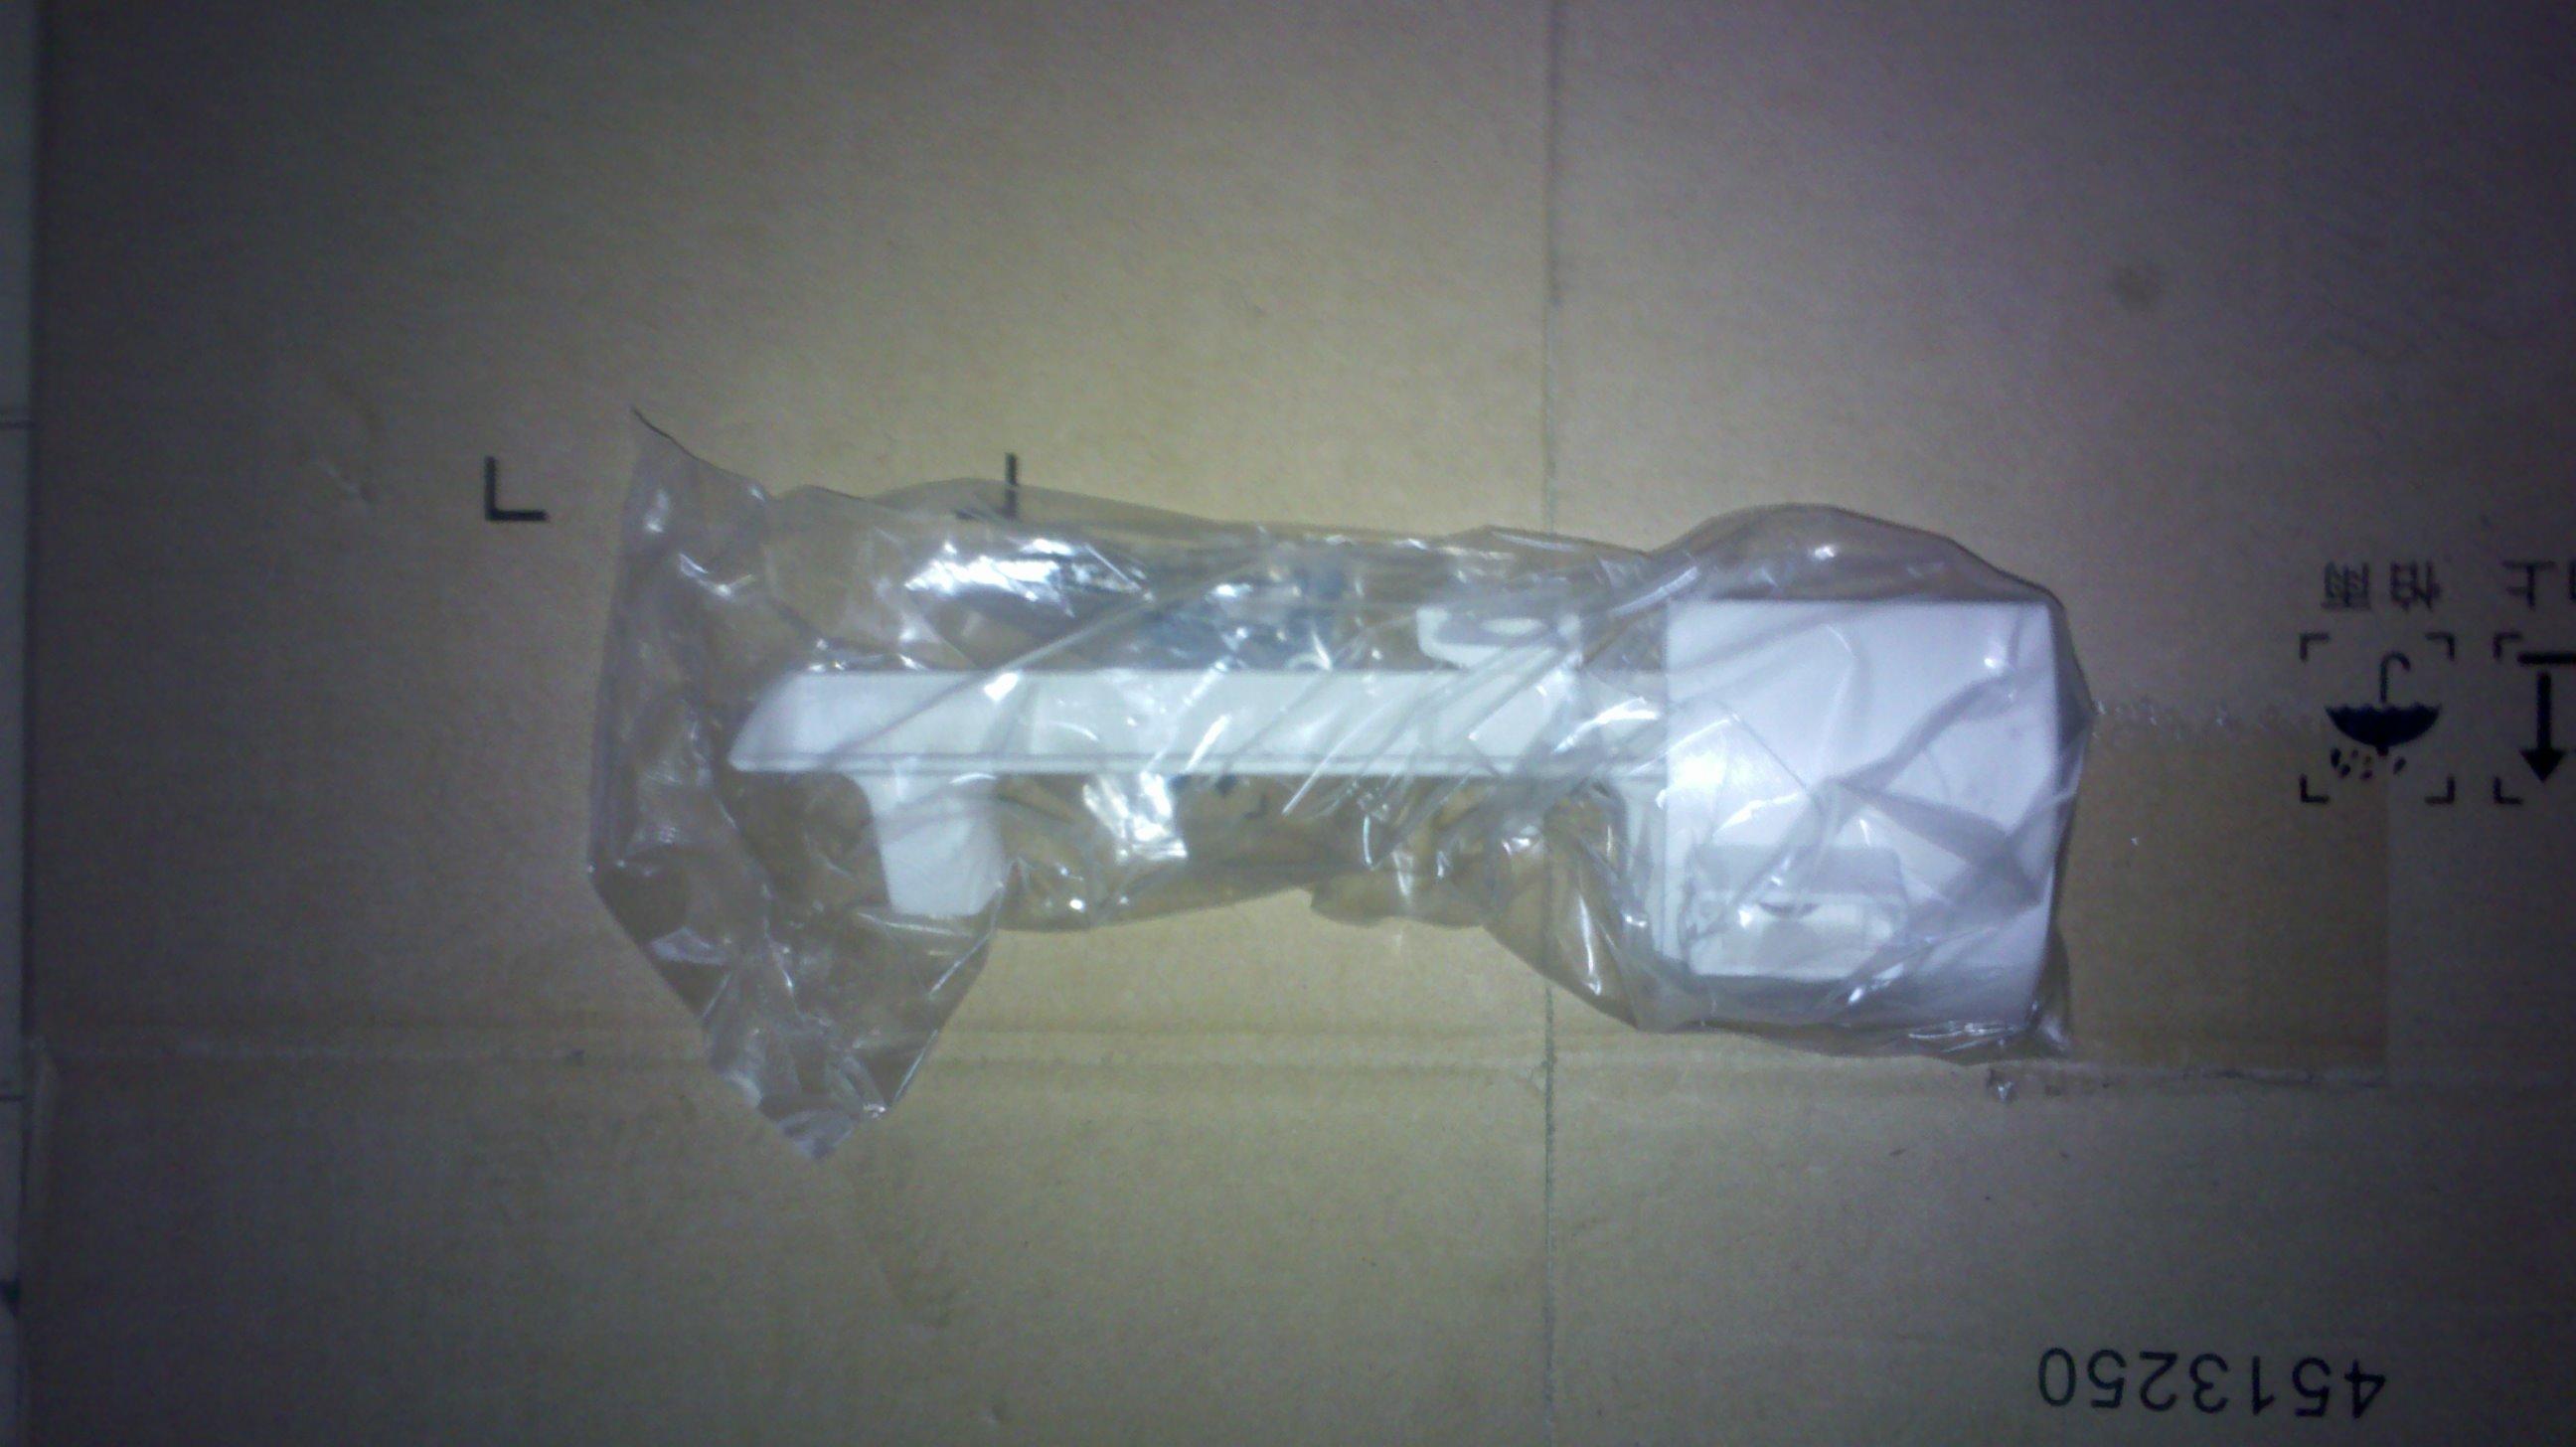 庄臣泰华施DCN6967000 Leverselect白胶架